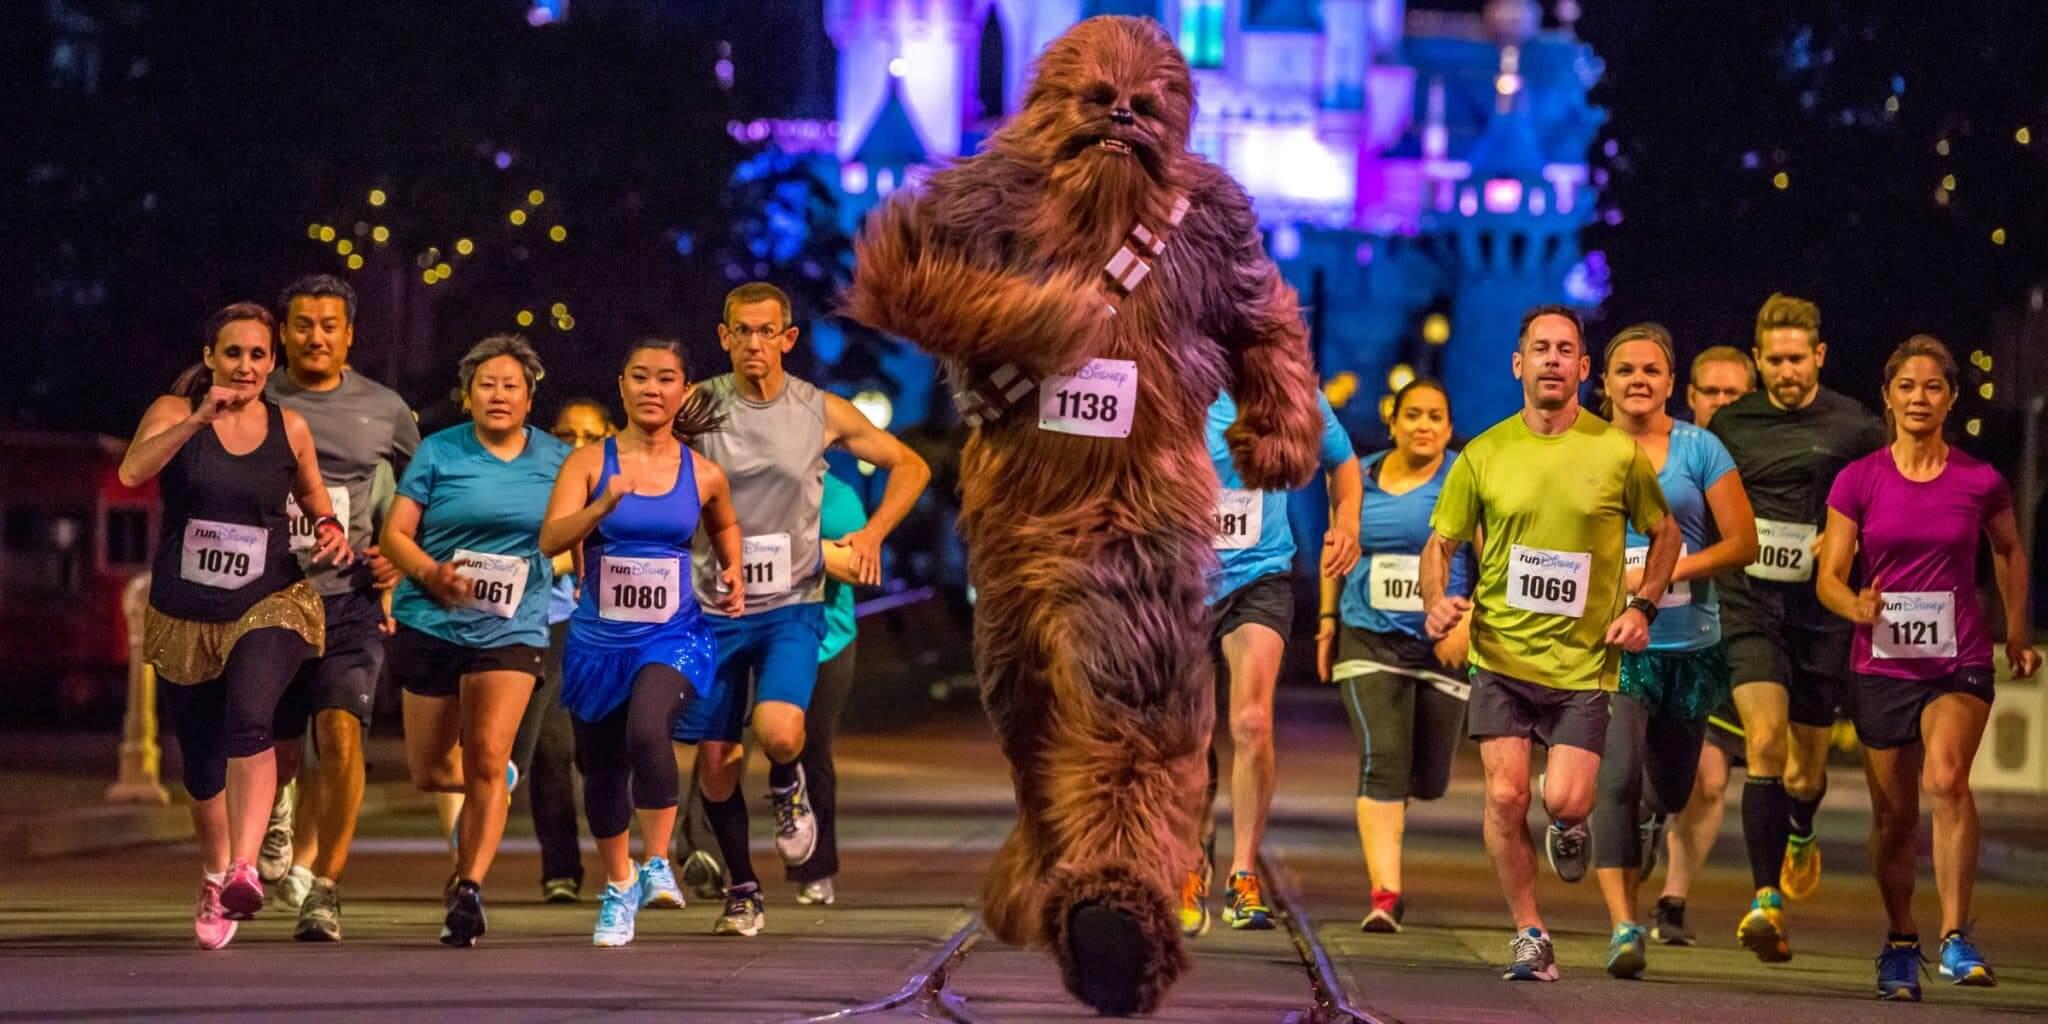 Calendário de corridas e maratonas em Orlando em 2018: Corrida Star Wars